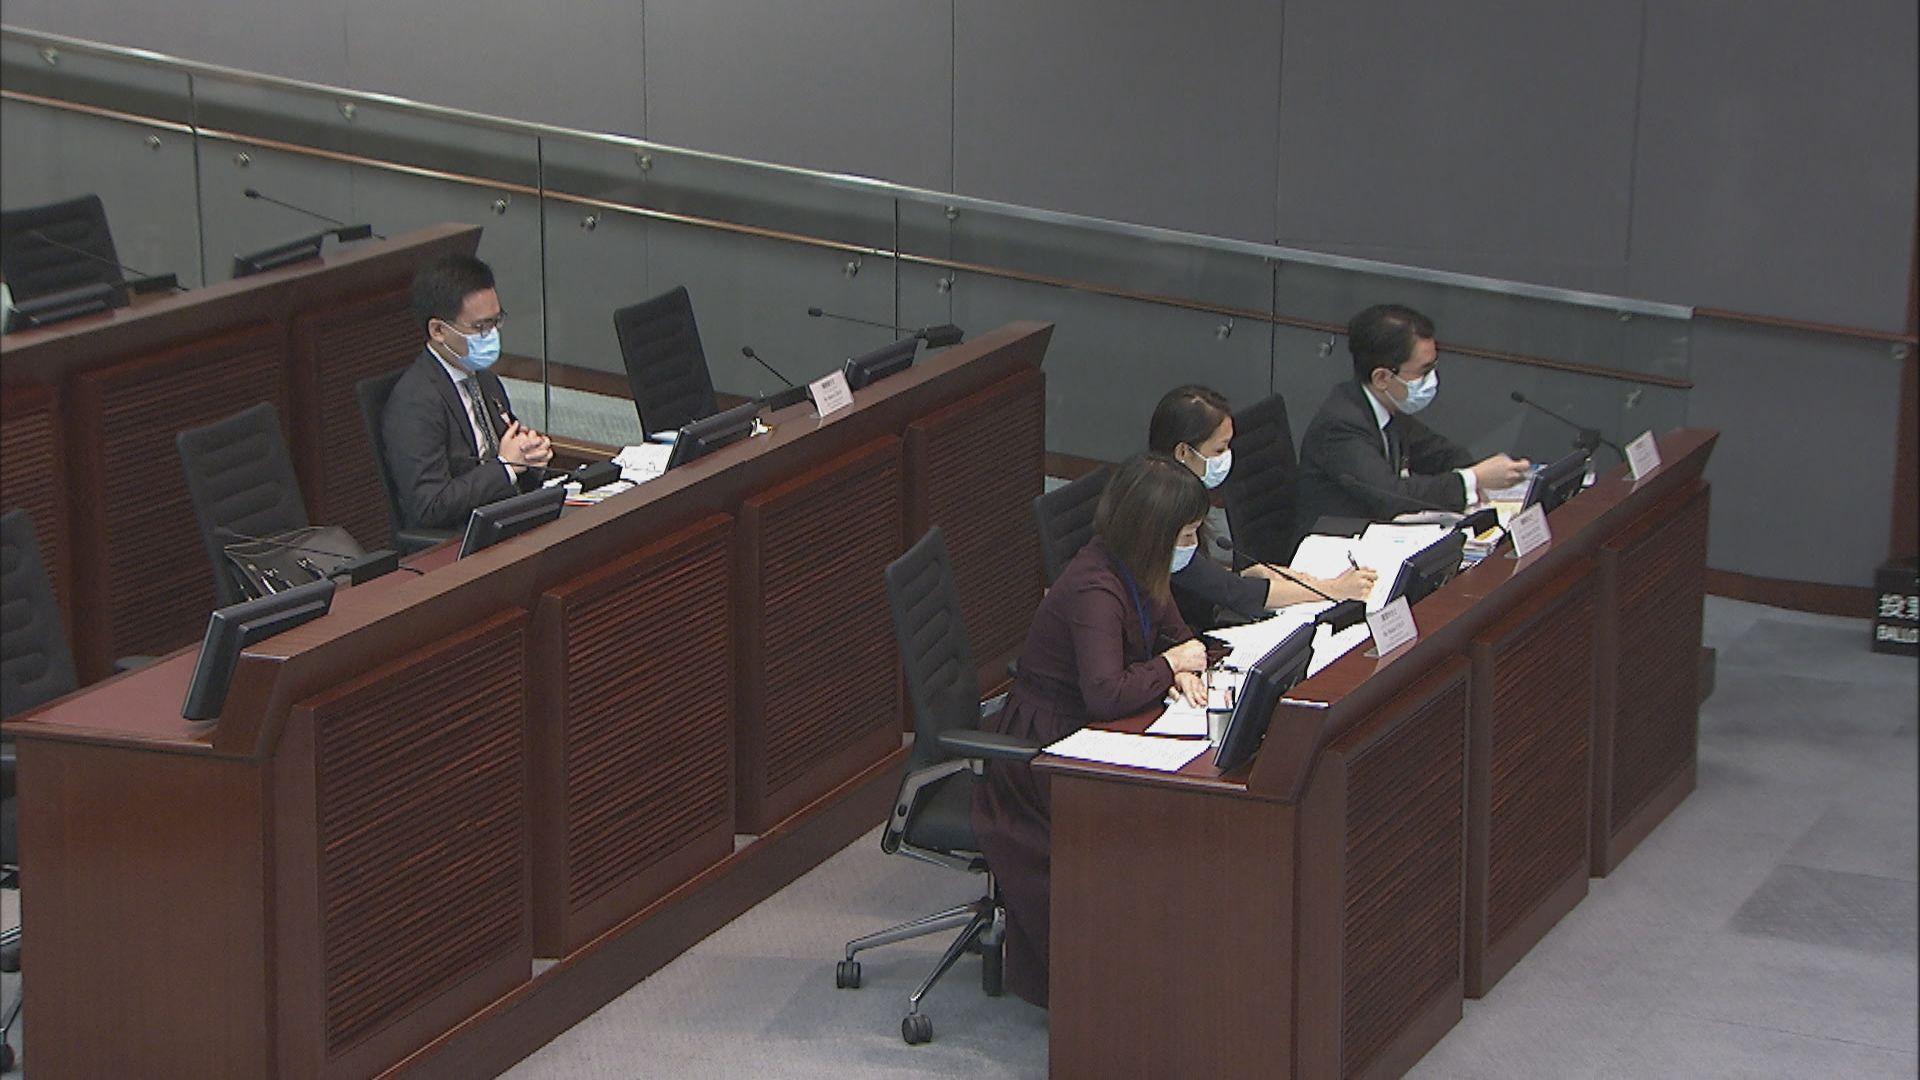 議員質疑立會選舉會否再延期 政府:仍以明年9月5日為目標